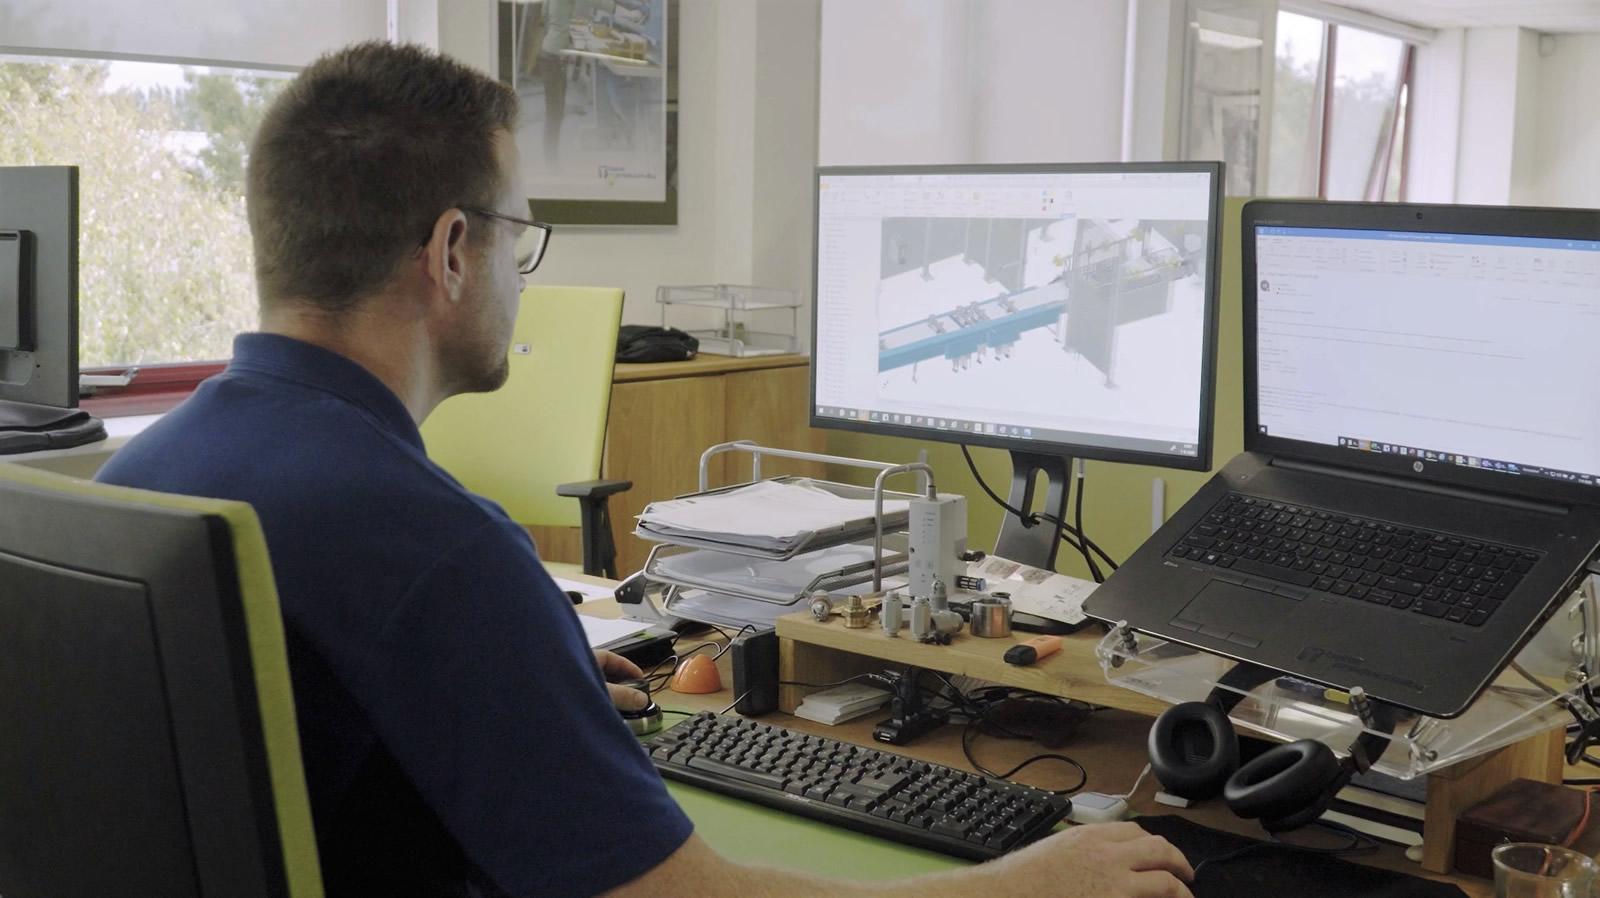 Vacature lead-engineer bij Total Productivity